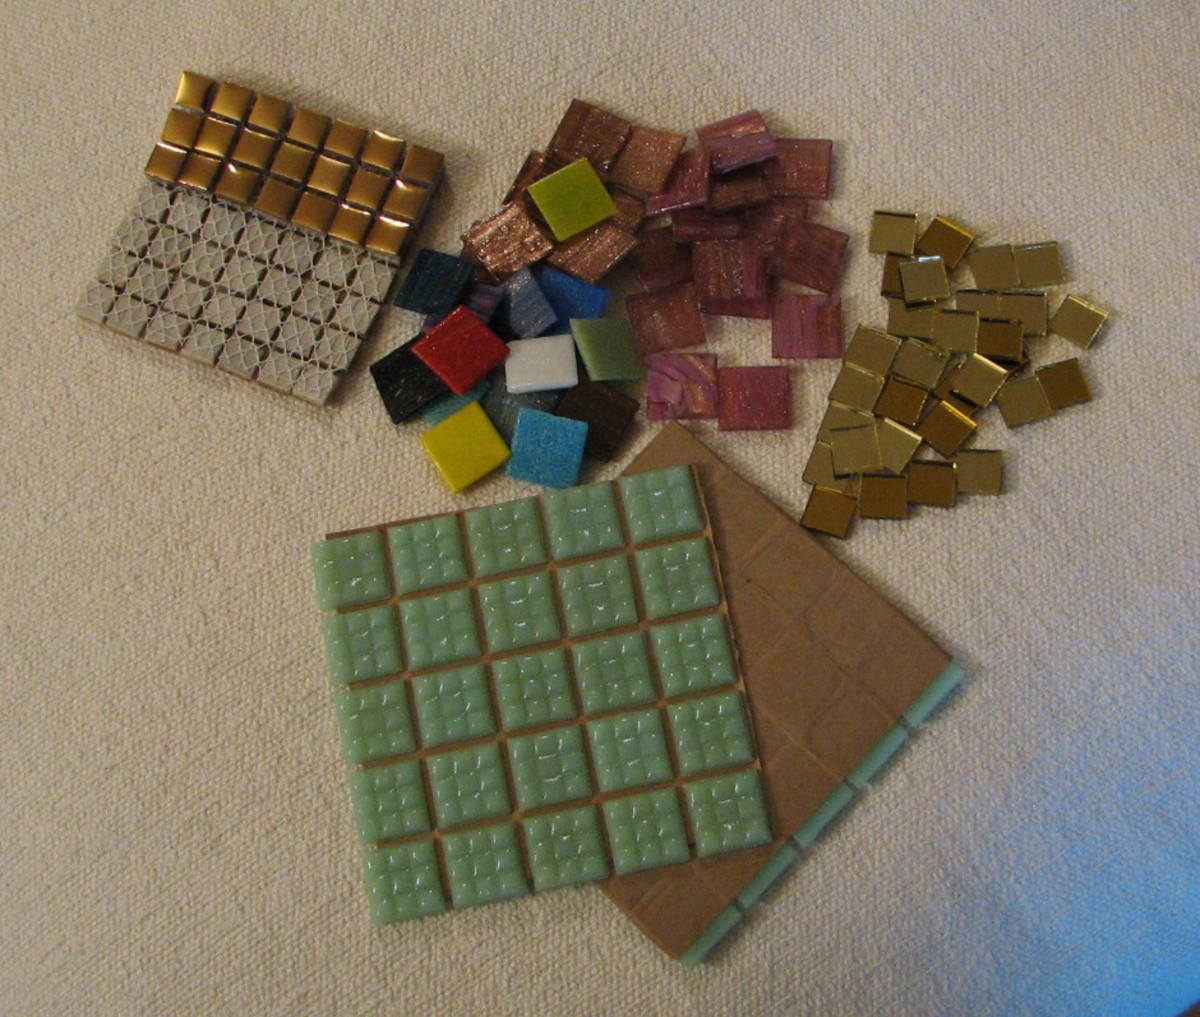 vitreous glass tile, ceramic tile, mirror tile